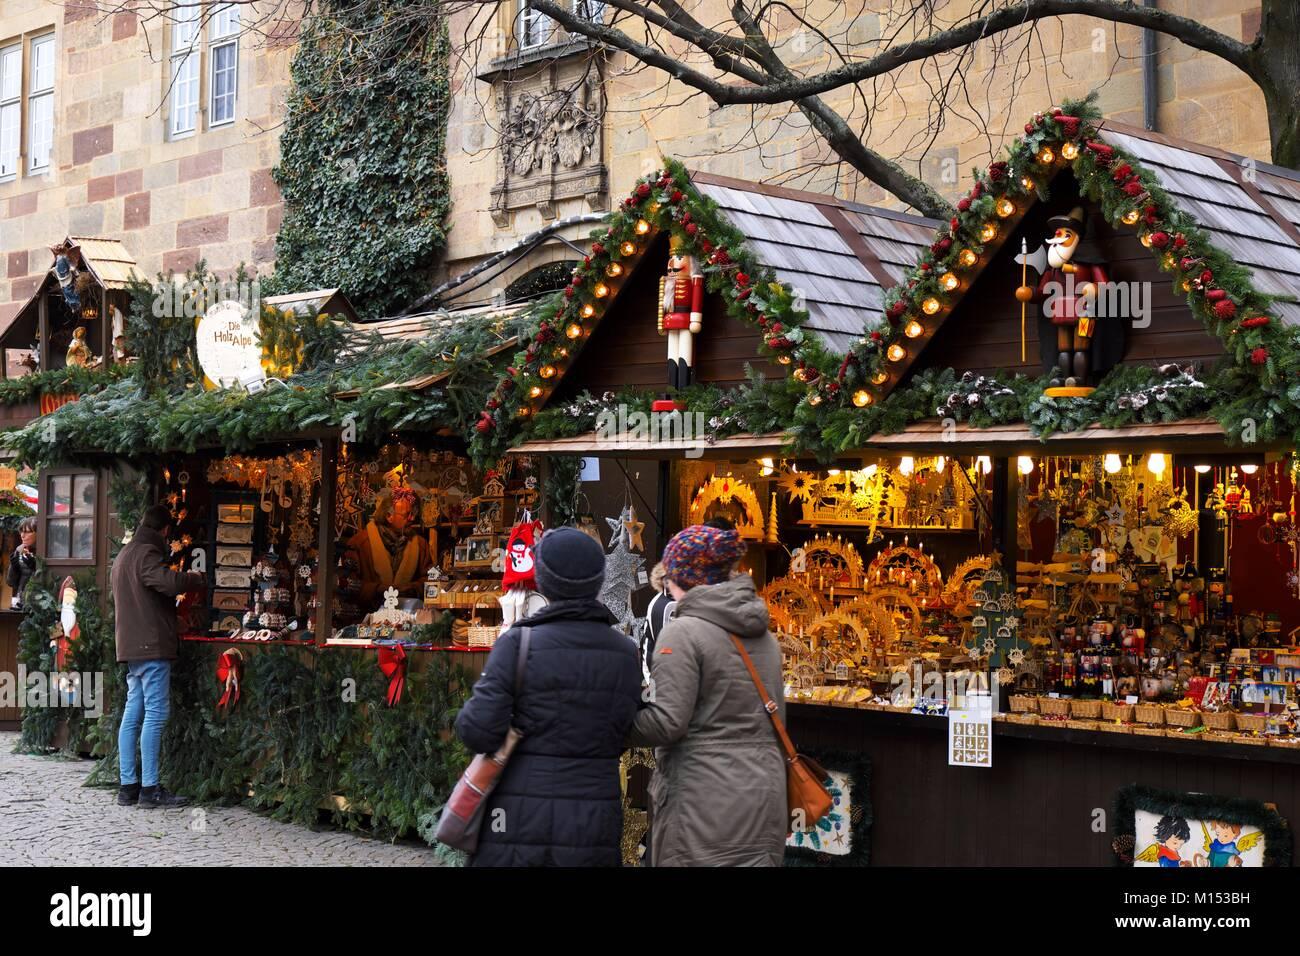 Christmas In Stuttgart Germany.Germany Baden Wurtemberg Stuttgart Christmas Market